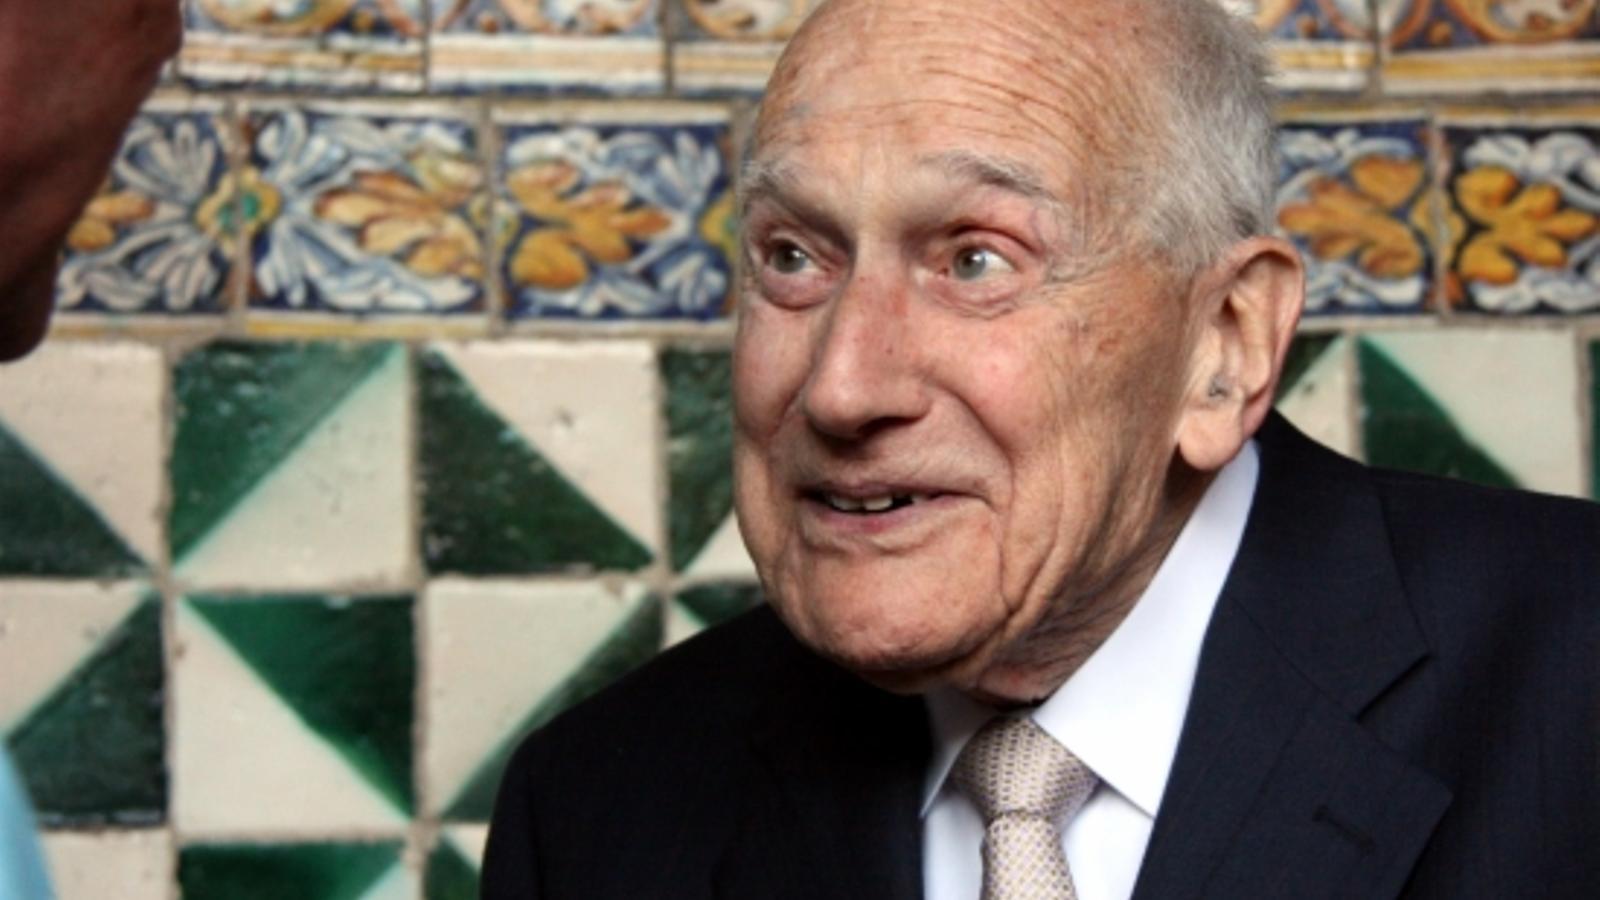 El filòleg i lingüista Antoni M. Badia i Margarit, en l'homenatge que va rebre l'any 2011 / ACN